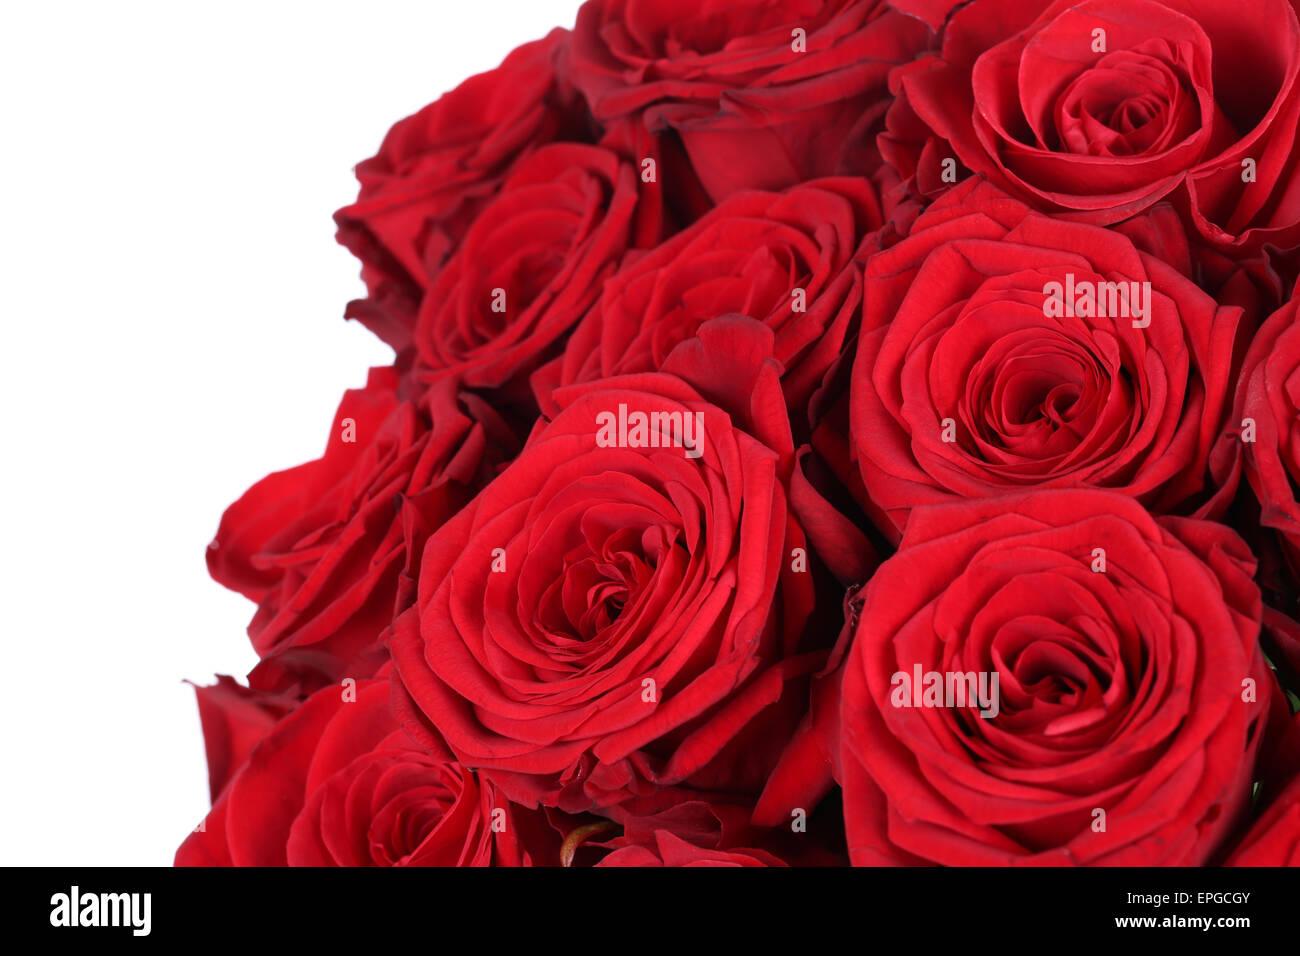 Großartig Strauß Rote Rosen Zum Valentinstag Oder Muttertag